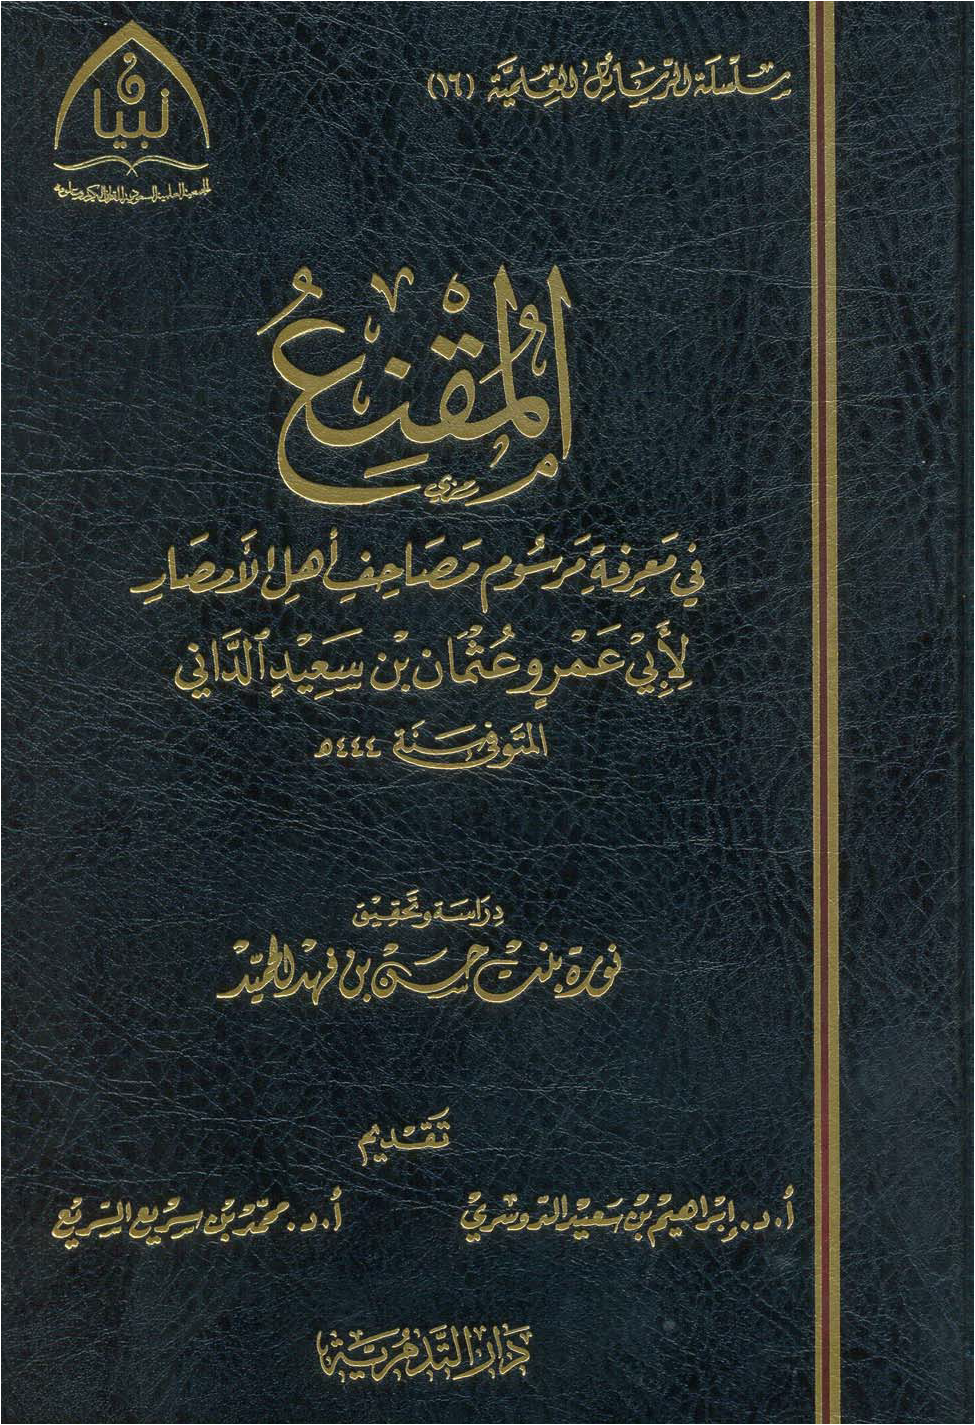 تحميل كتاب المقنع في معرفة مرسوم مصاحف أهل الأمصار لـِ: الإمام أبو عمرو عثمان بن سعيد بن عثمان بن عمر الداني (ت 444)